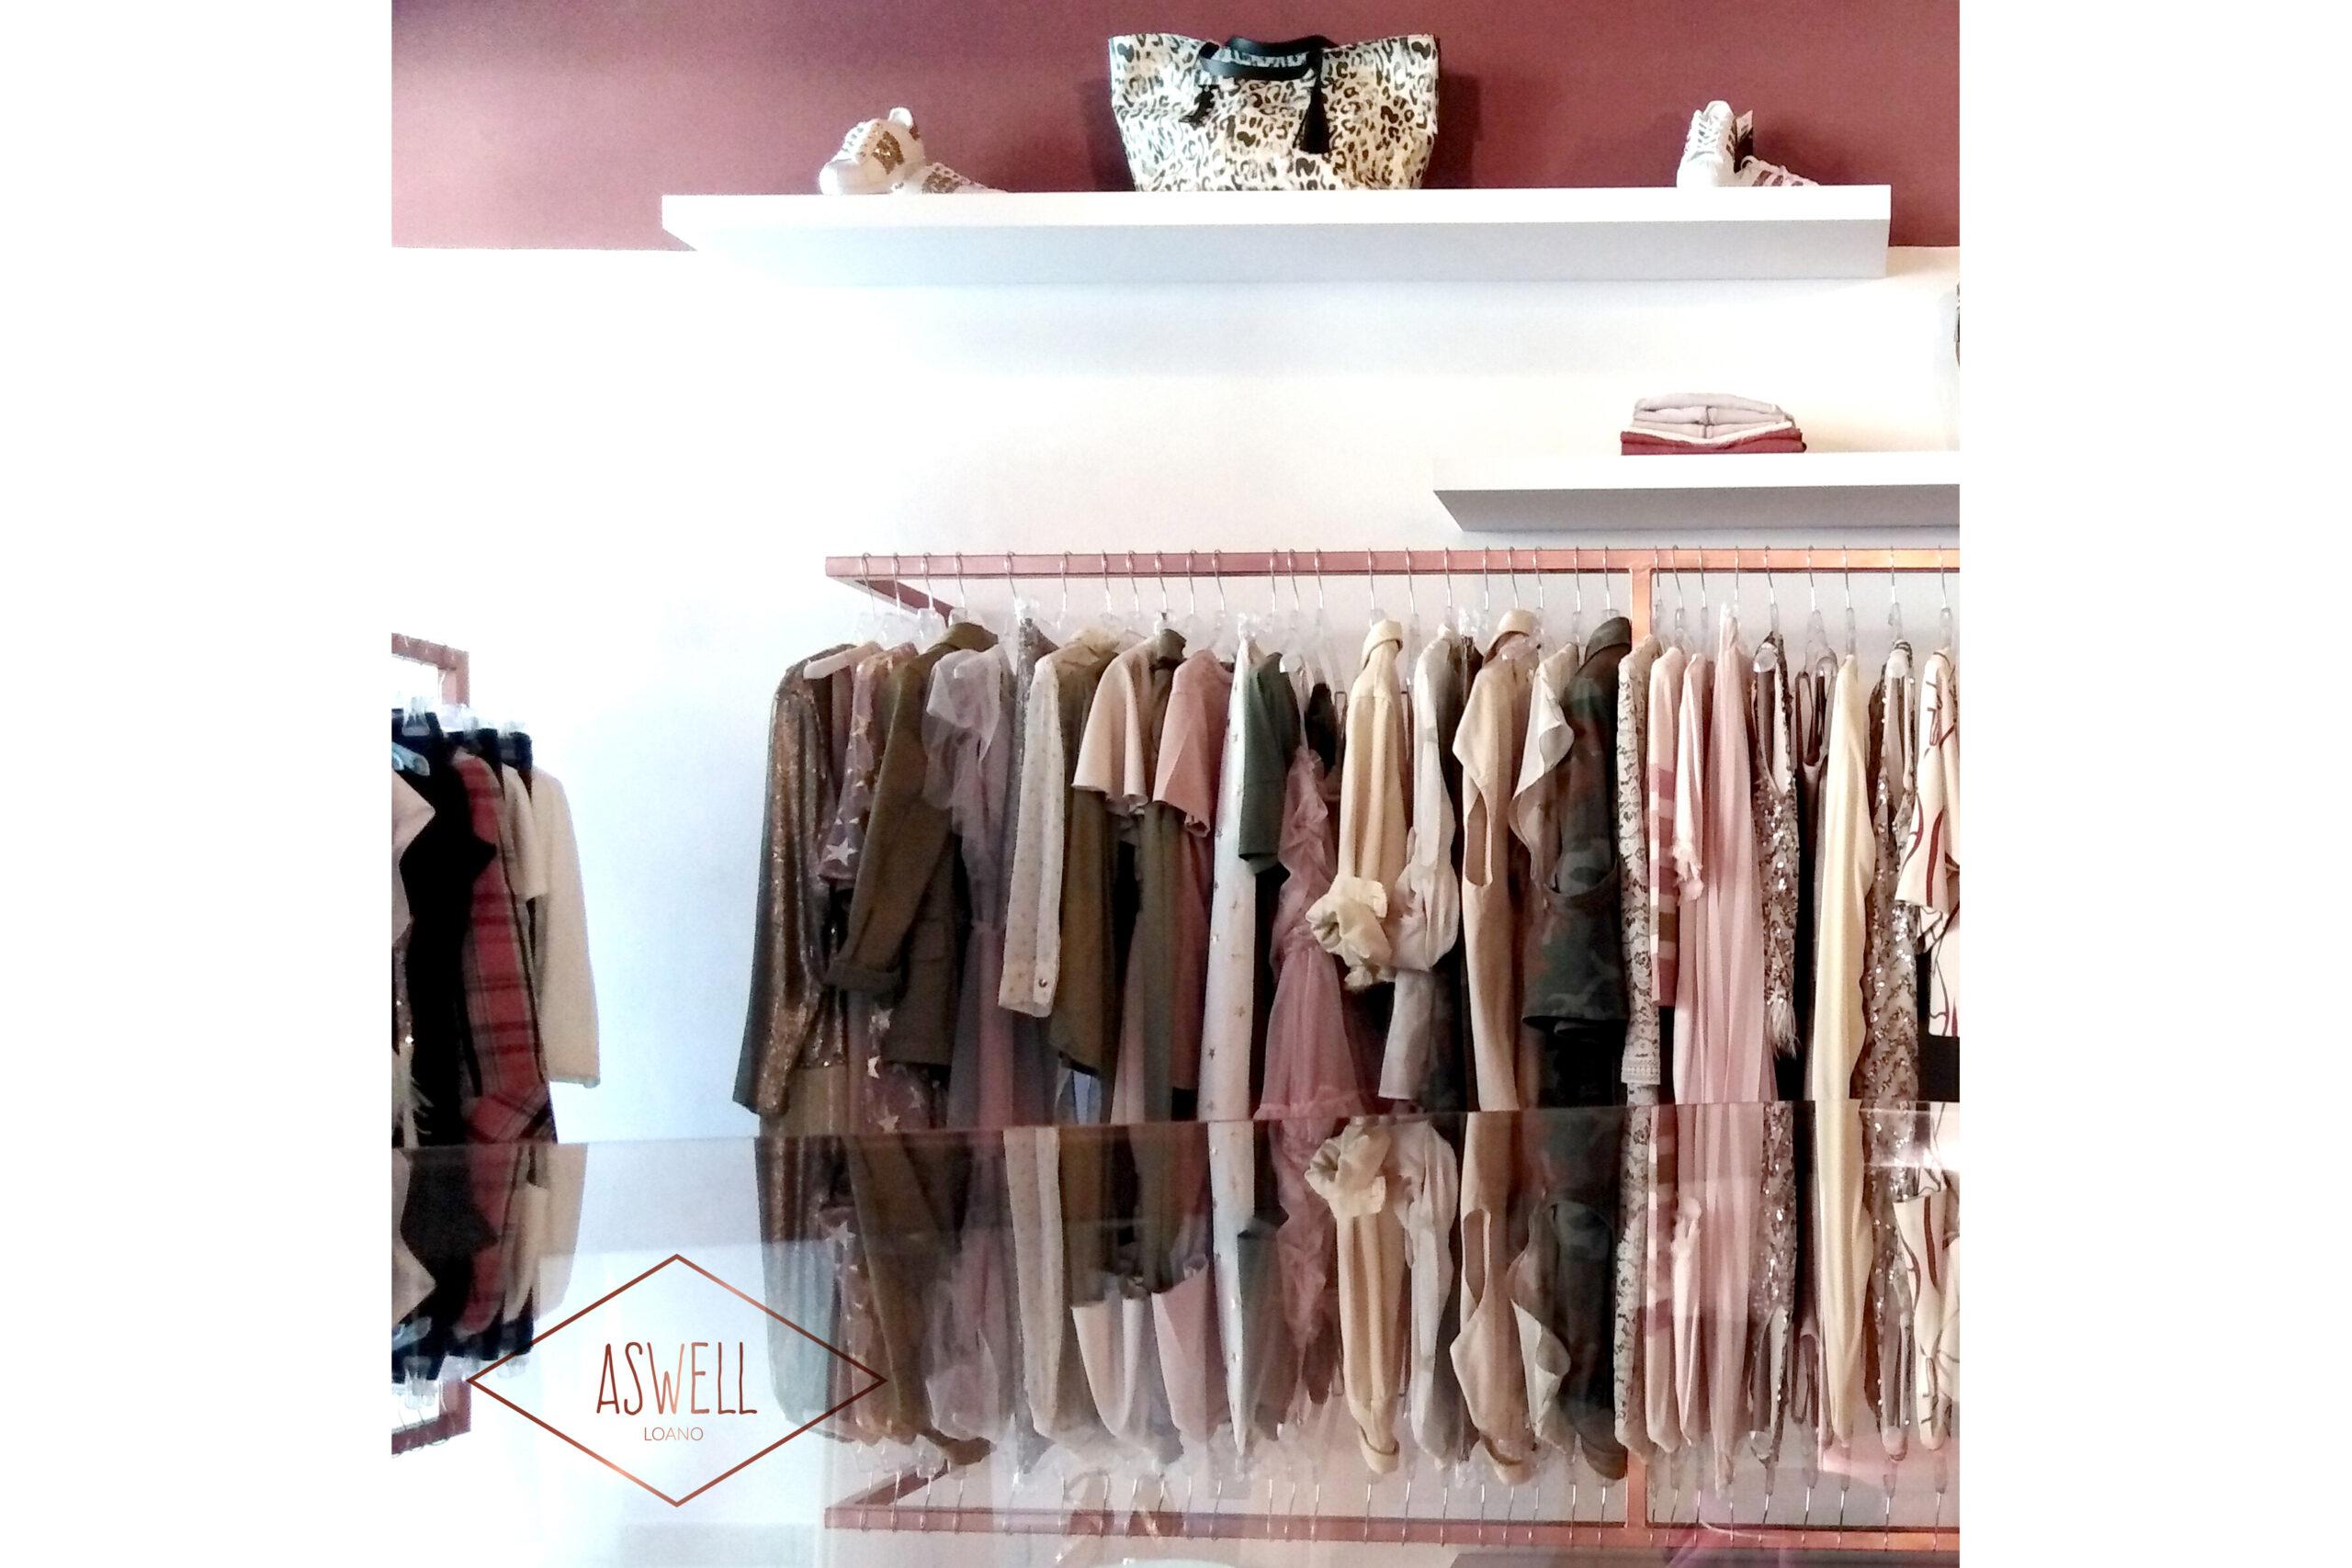 ASWELL negozio di abbigliamento – LOANO